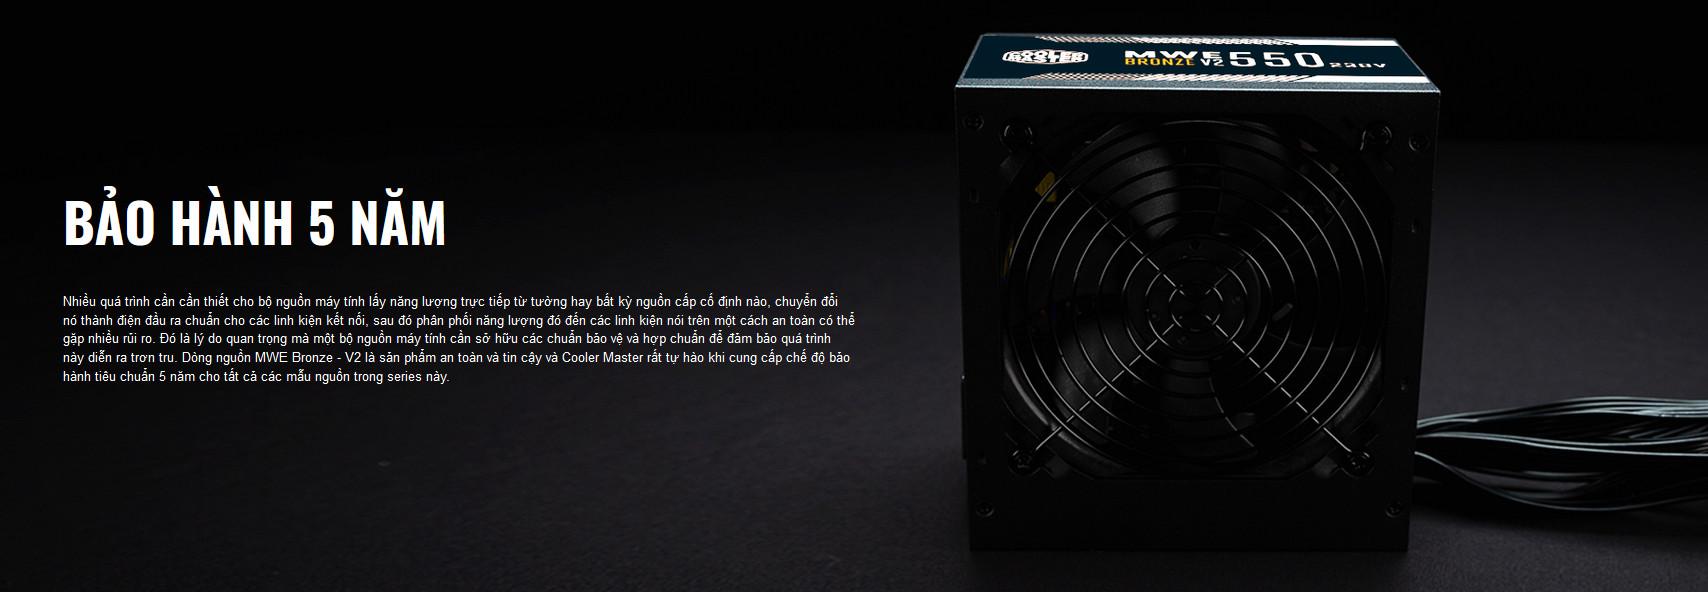 Nguồn máy tính Cooler Master MWE V2 230V 550 550W Plus Bronze  (80 Plus Bronze/Màu Đen) giới thiệu bảo hành 5 năm